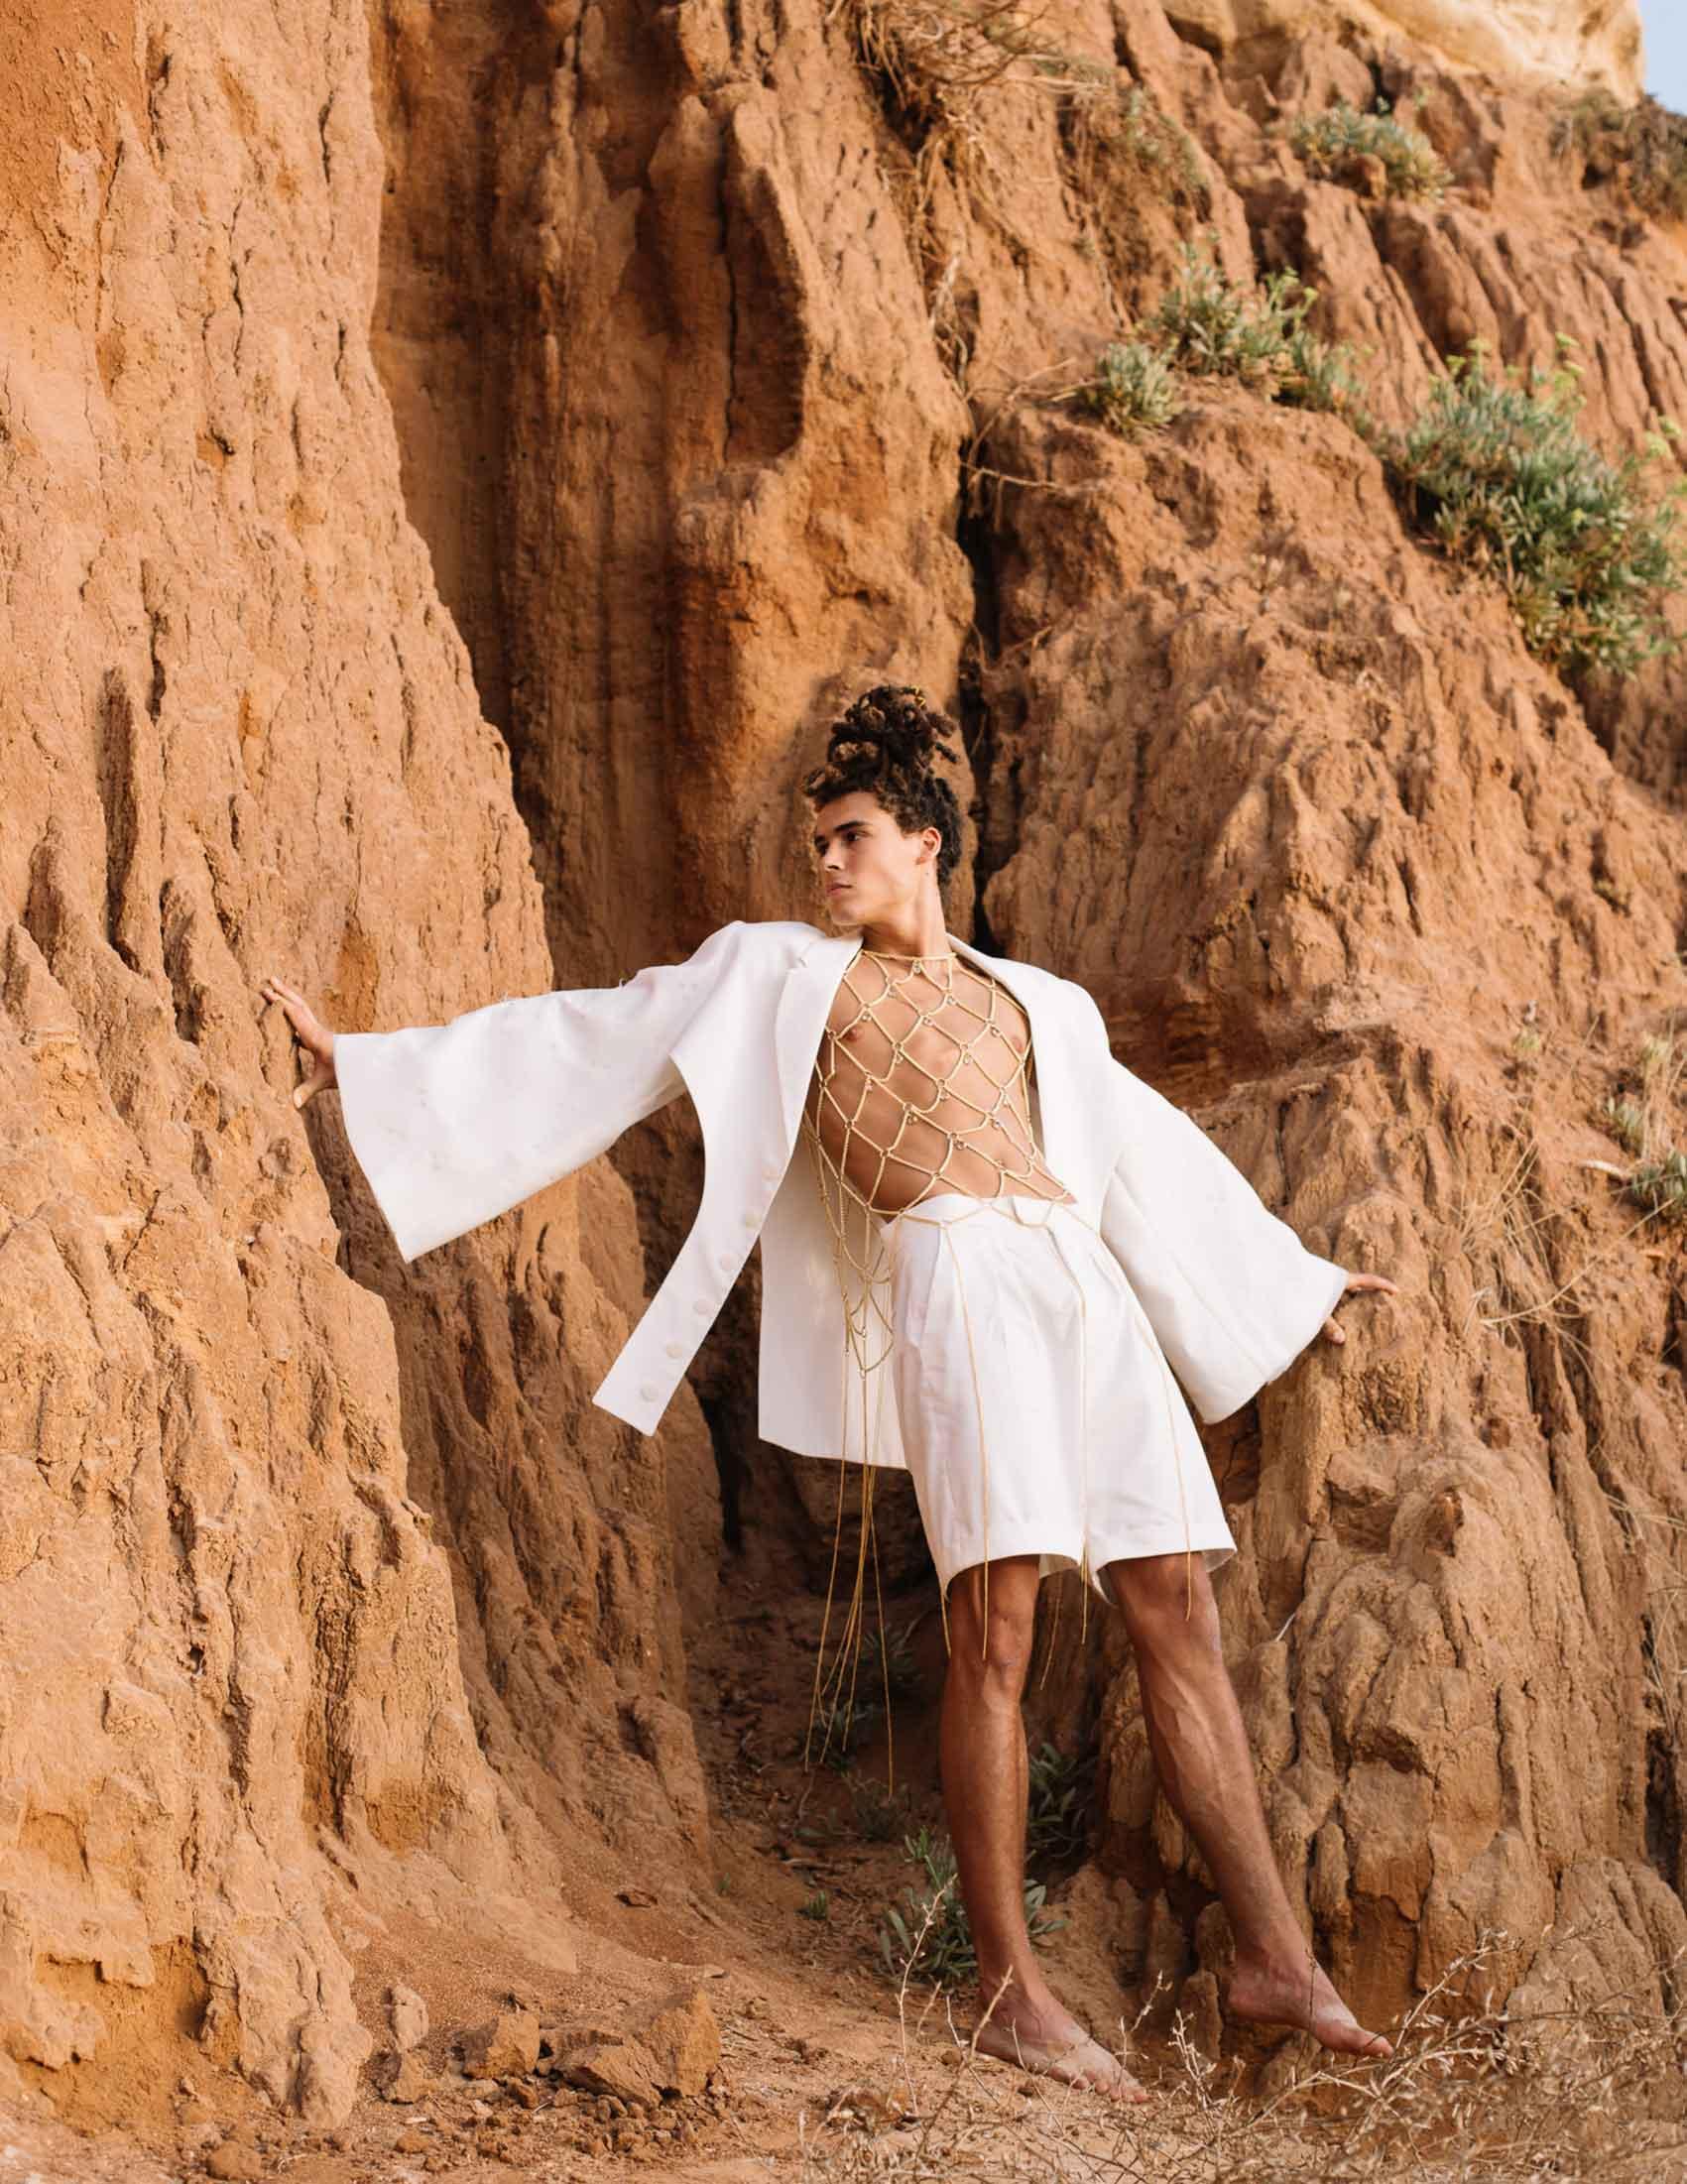 Photographer: Daniel Noy Dor, Fashion Designer: Nitzan Levy, Model: Segev Arish Assistant: Tomer Hershkovitz' Fashion: Nitzan for Shenkar-1